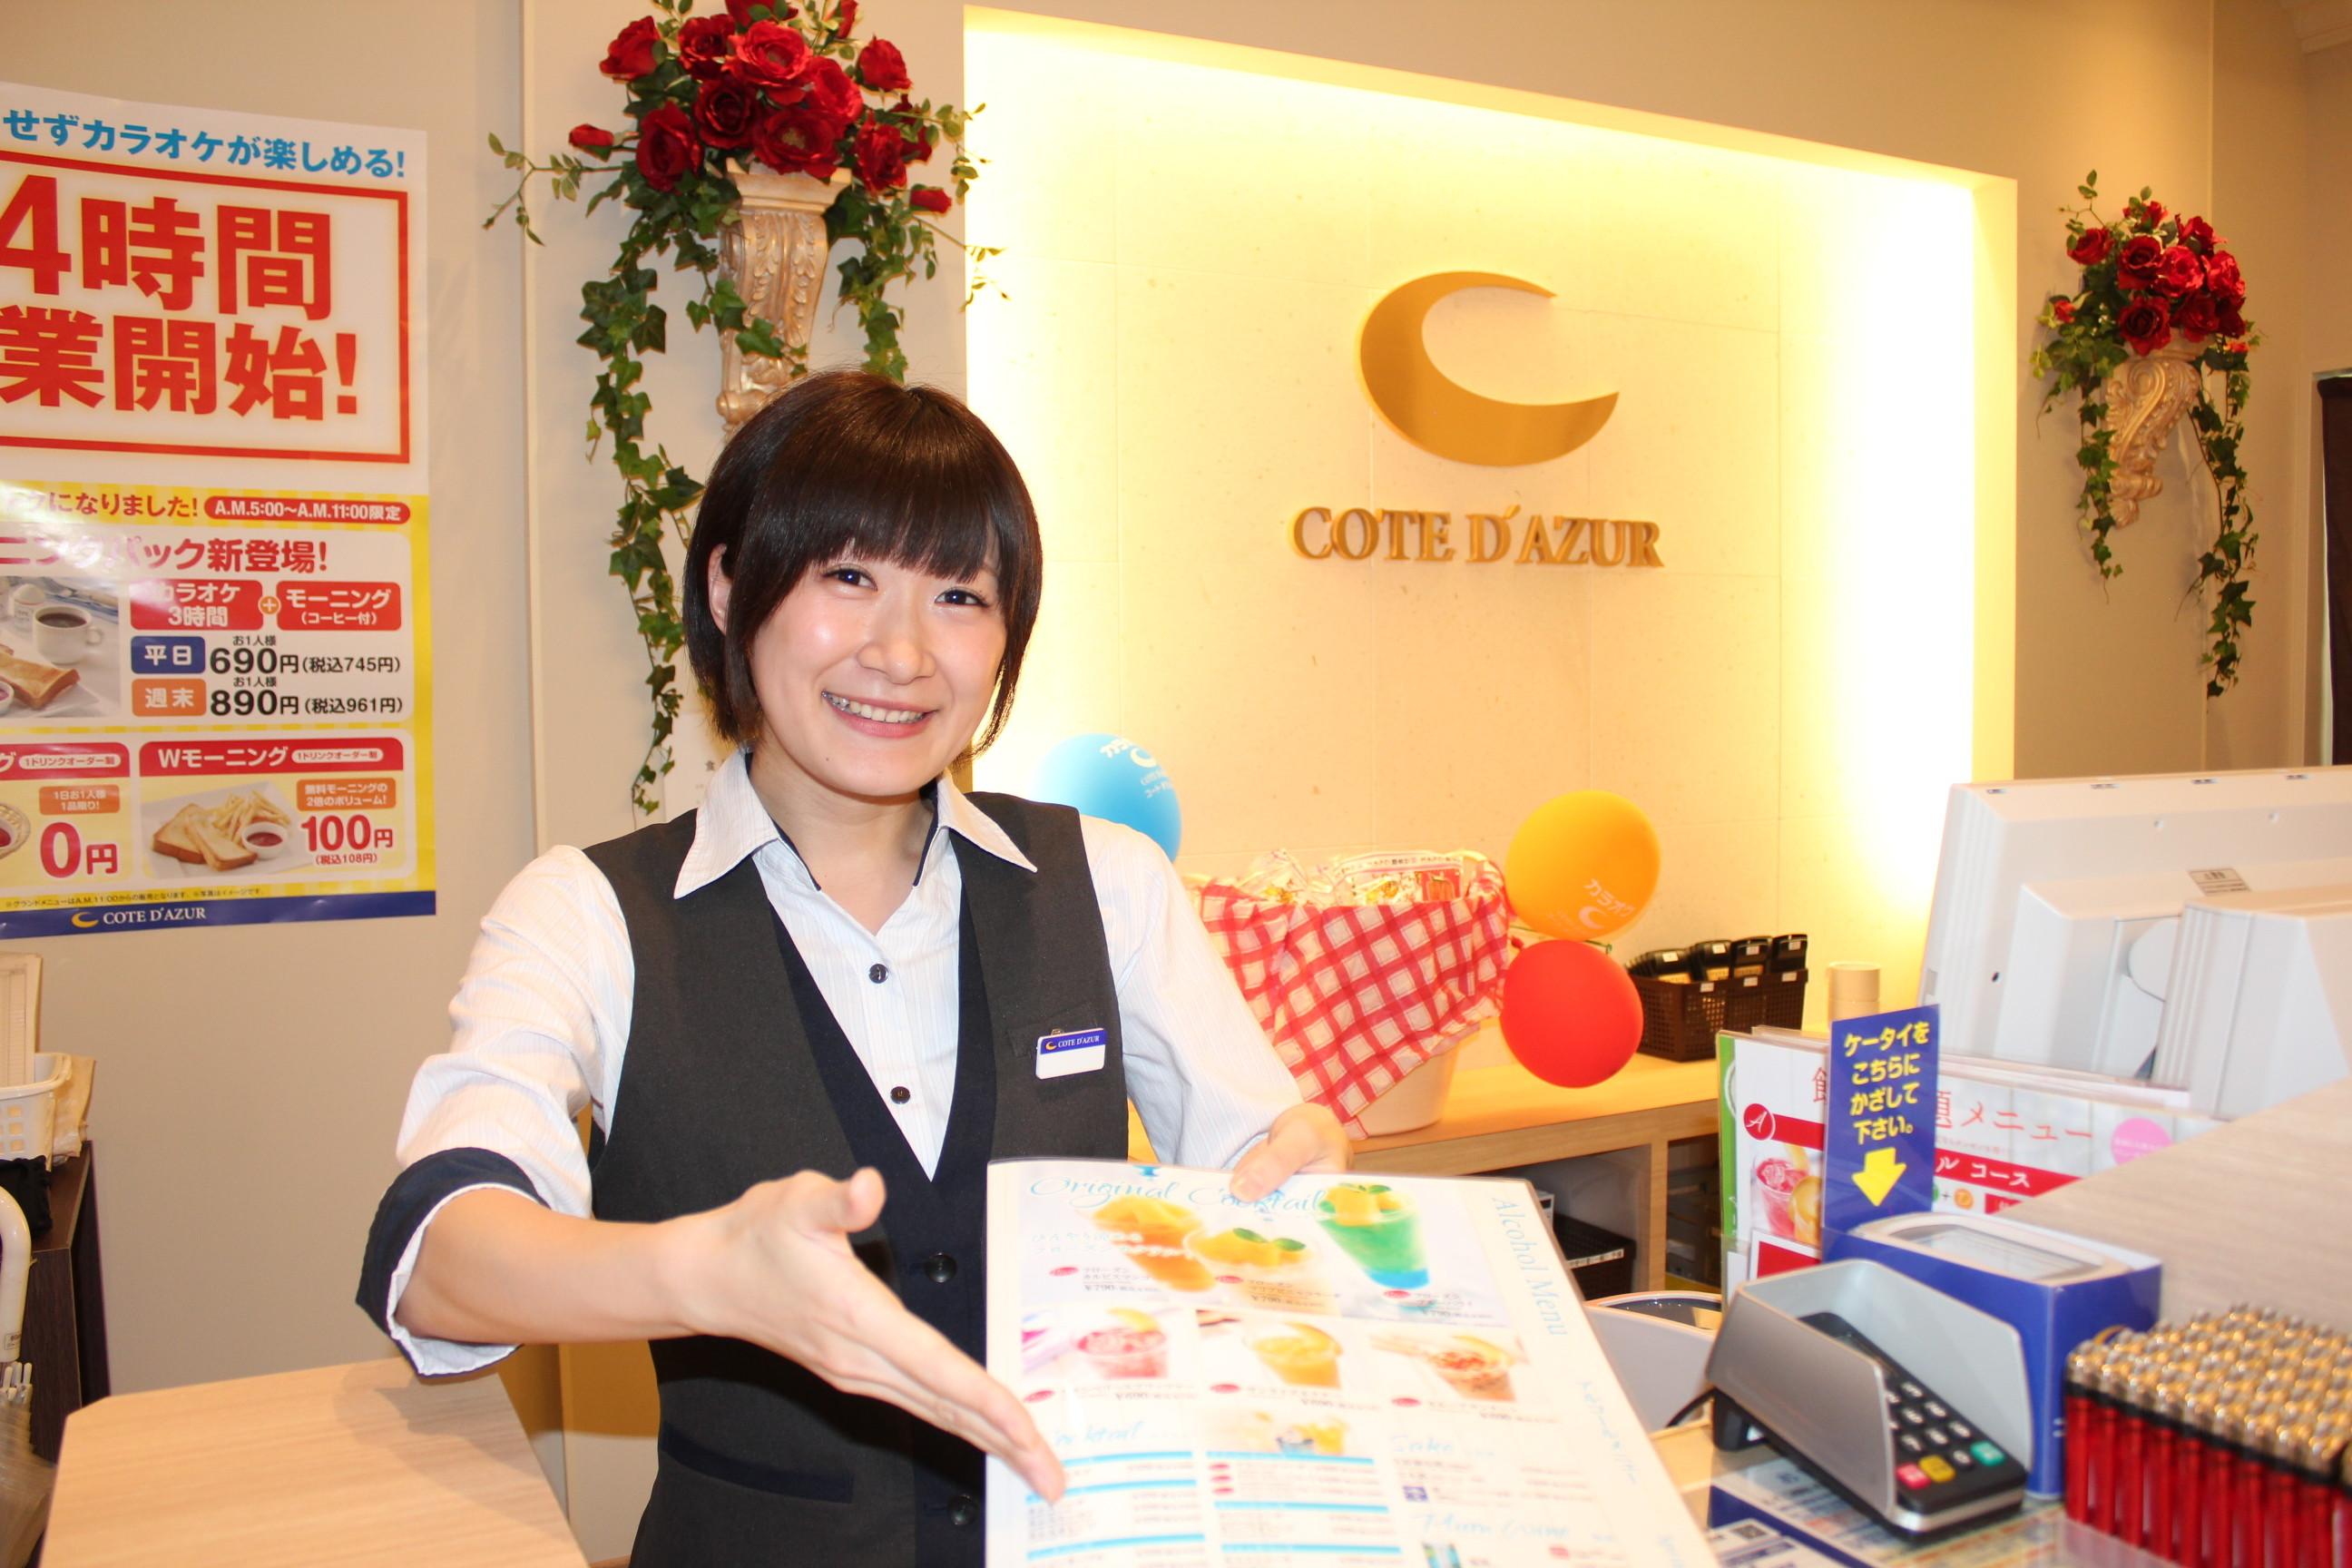 コート・ダジュール 銀座コリドー店 のアルバイト情報